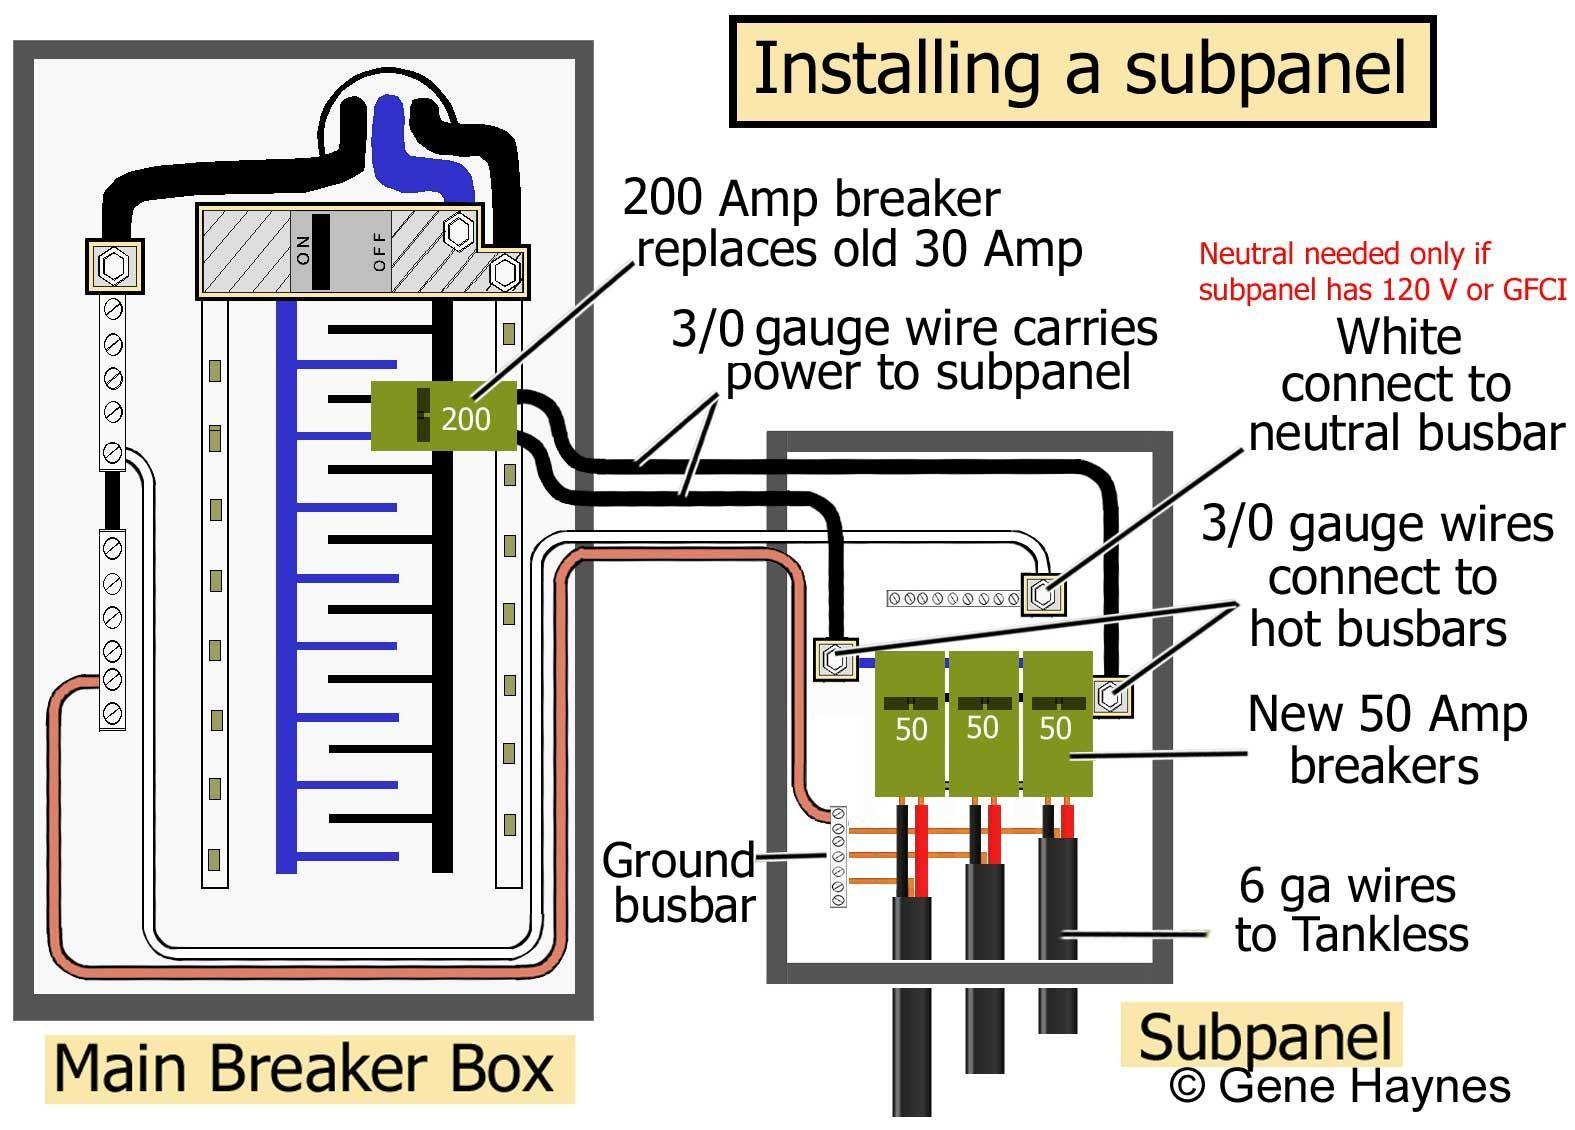 26 Good Electrical Panel Wiring Diagram Https Bacamajalah Com 26 Good Electrical Panel Wiring Diagr Electrical Panel Wiring Diy Electrical Electrical Panel